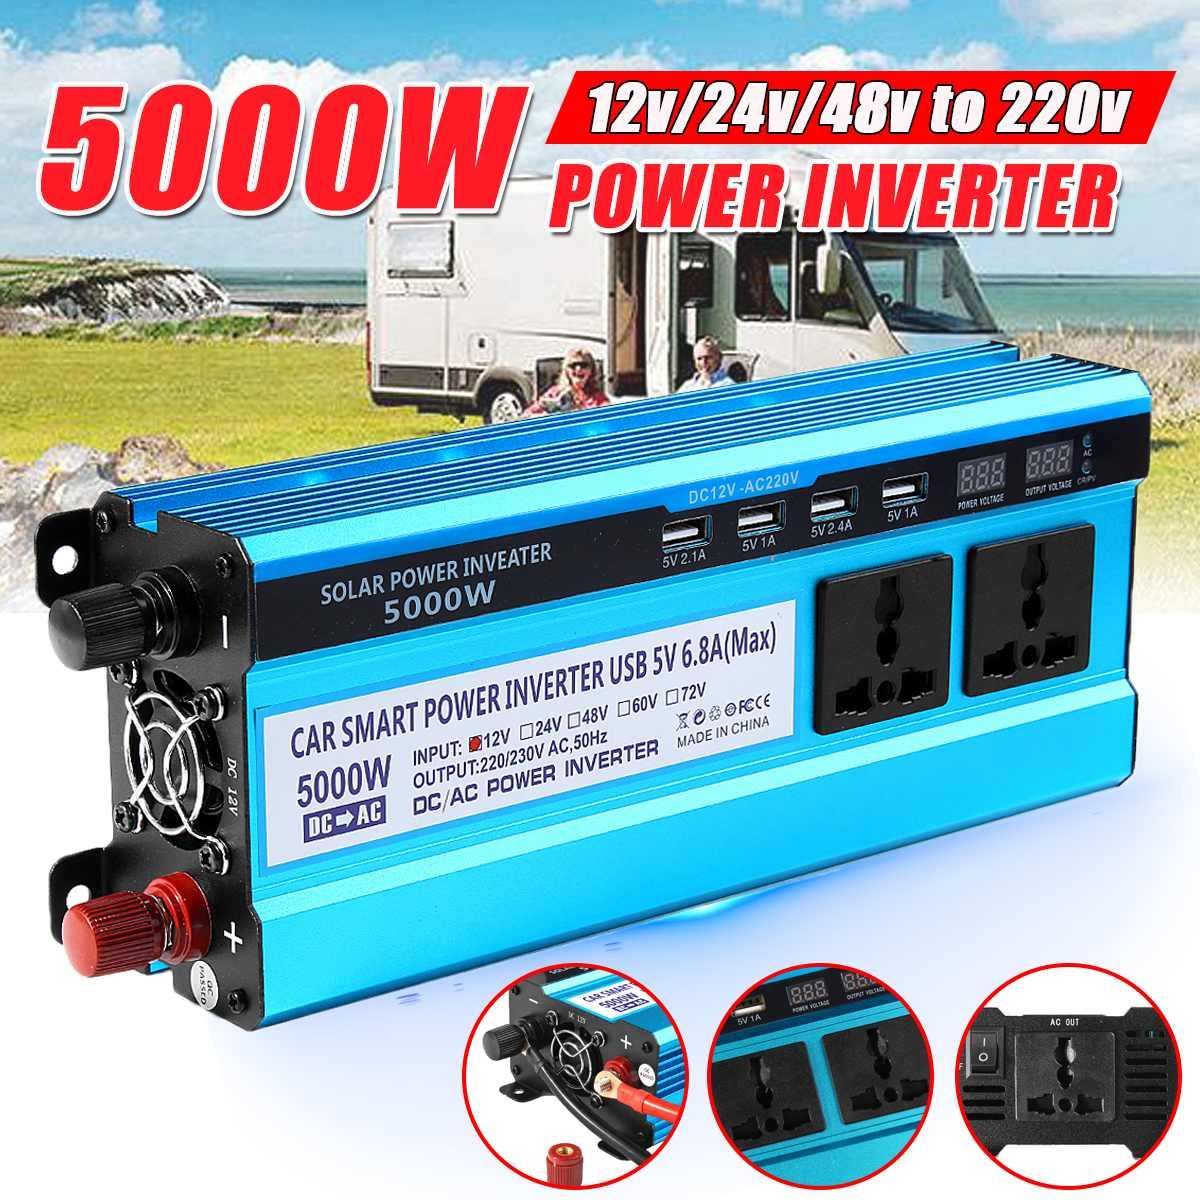 Солнечный инвертор DC 12V 24V 48V к AC 220V 3000W 4000W 5000W Инвертор Трансформатор напряжения светодиодный преобразователь для дома и автомобиля